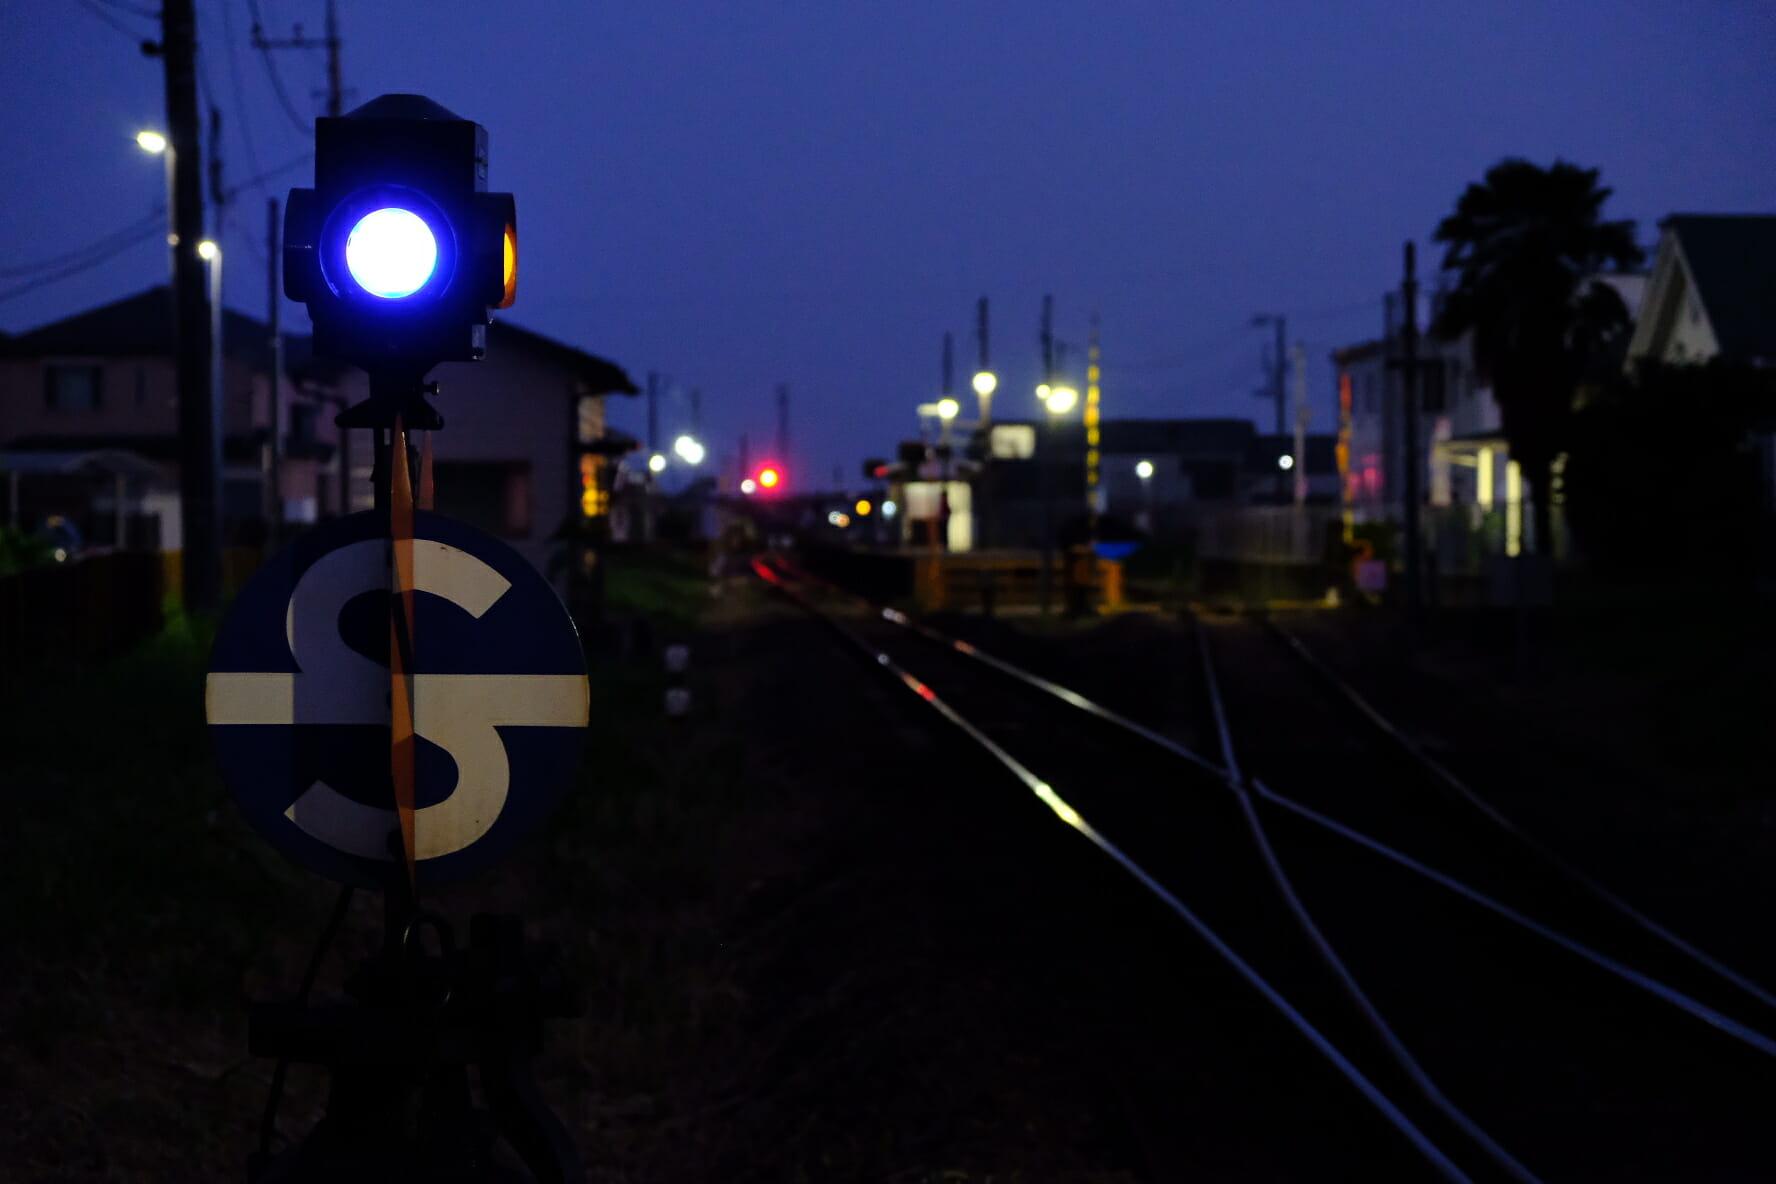 関東鉄道常総線のローカル線区域にある三妻駅。ポイント(転轍機)の表示器の青いランプが夕闇に映える。